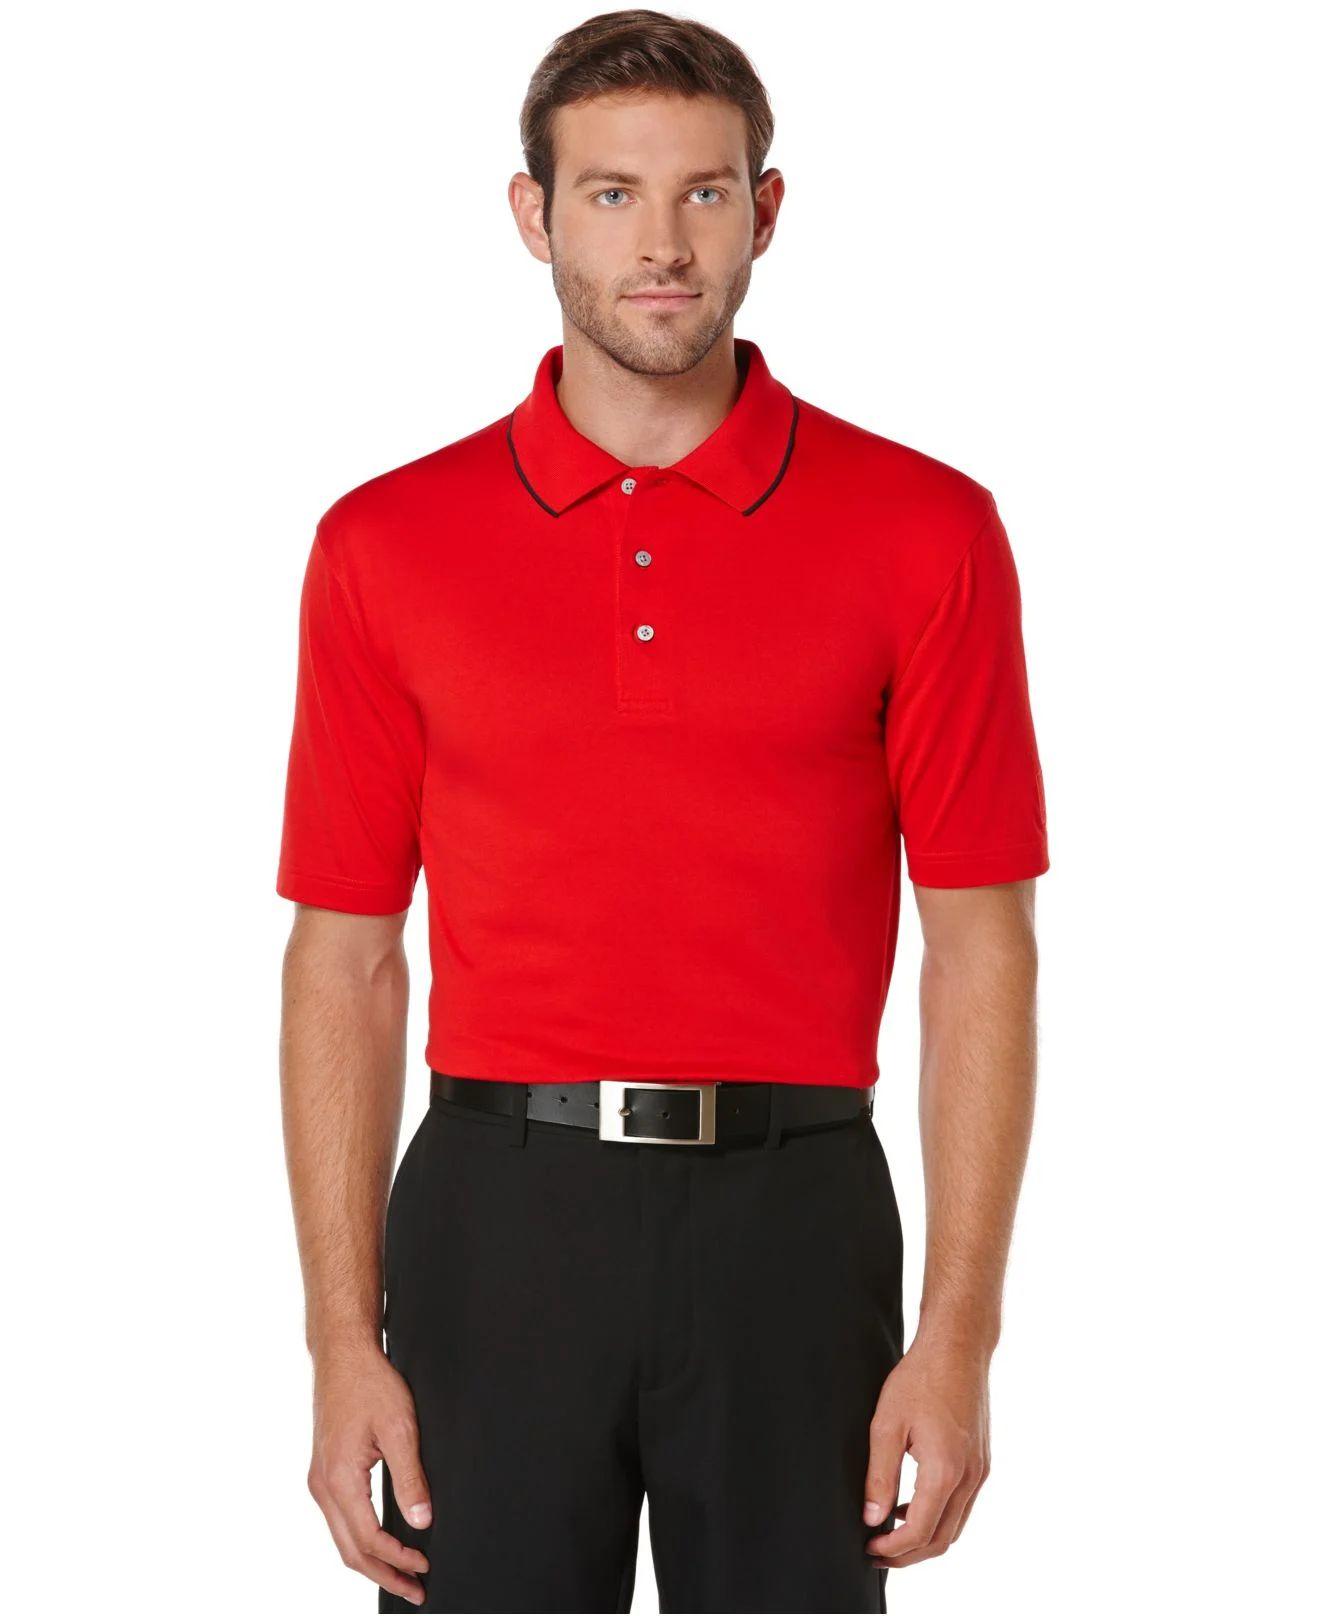 pga tour golf shirts canada